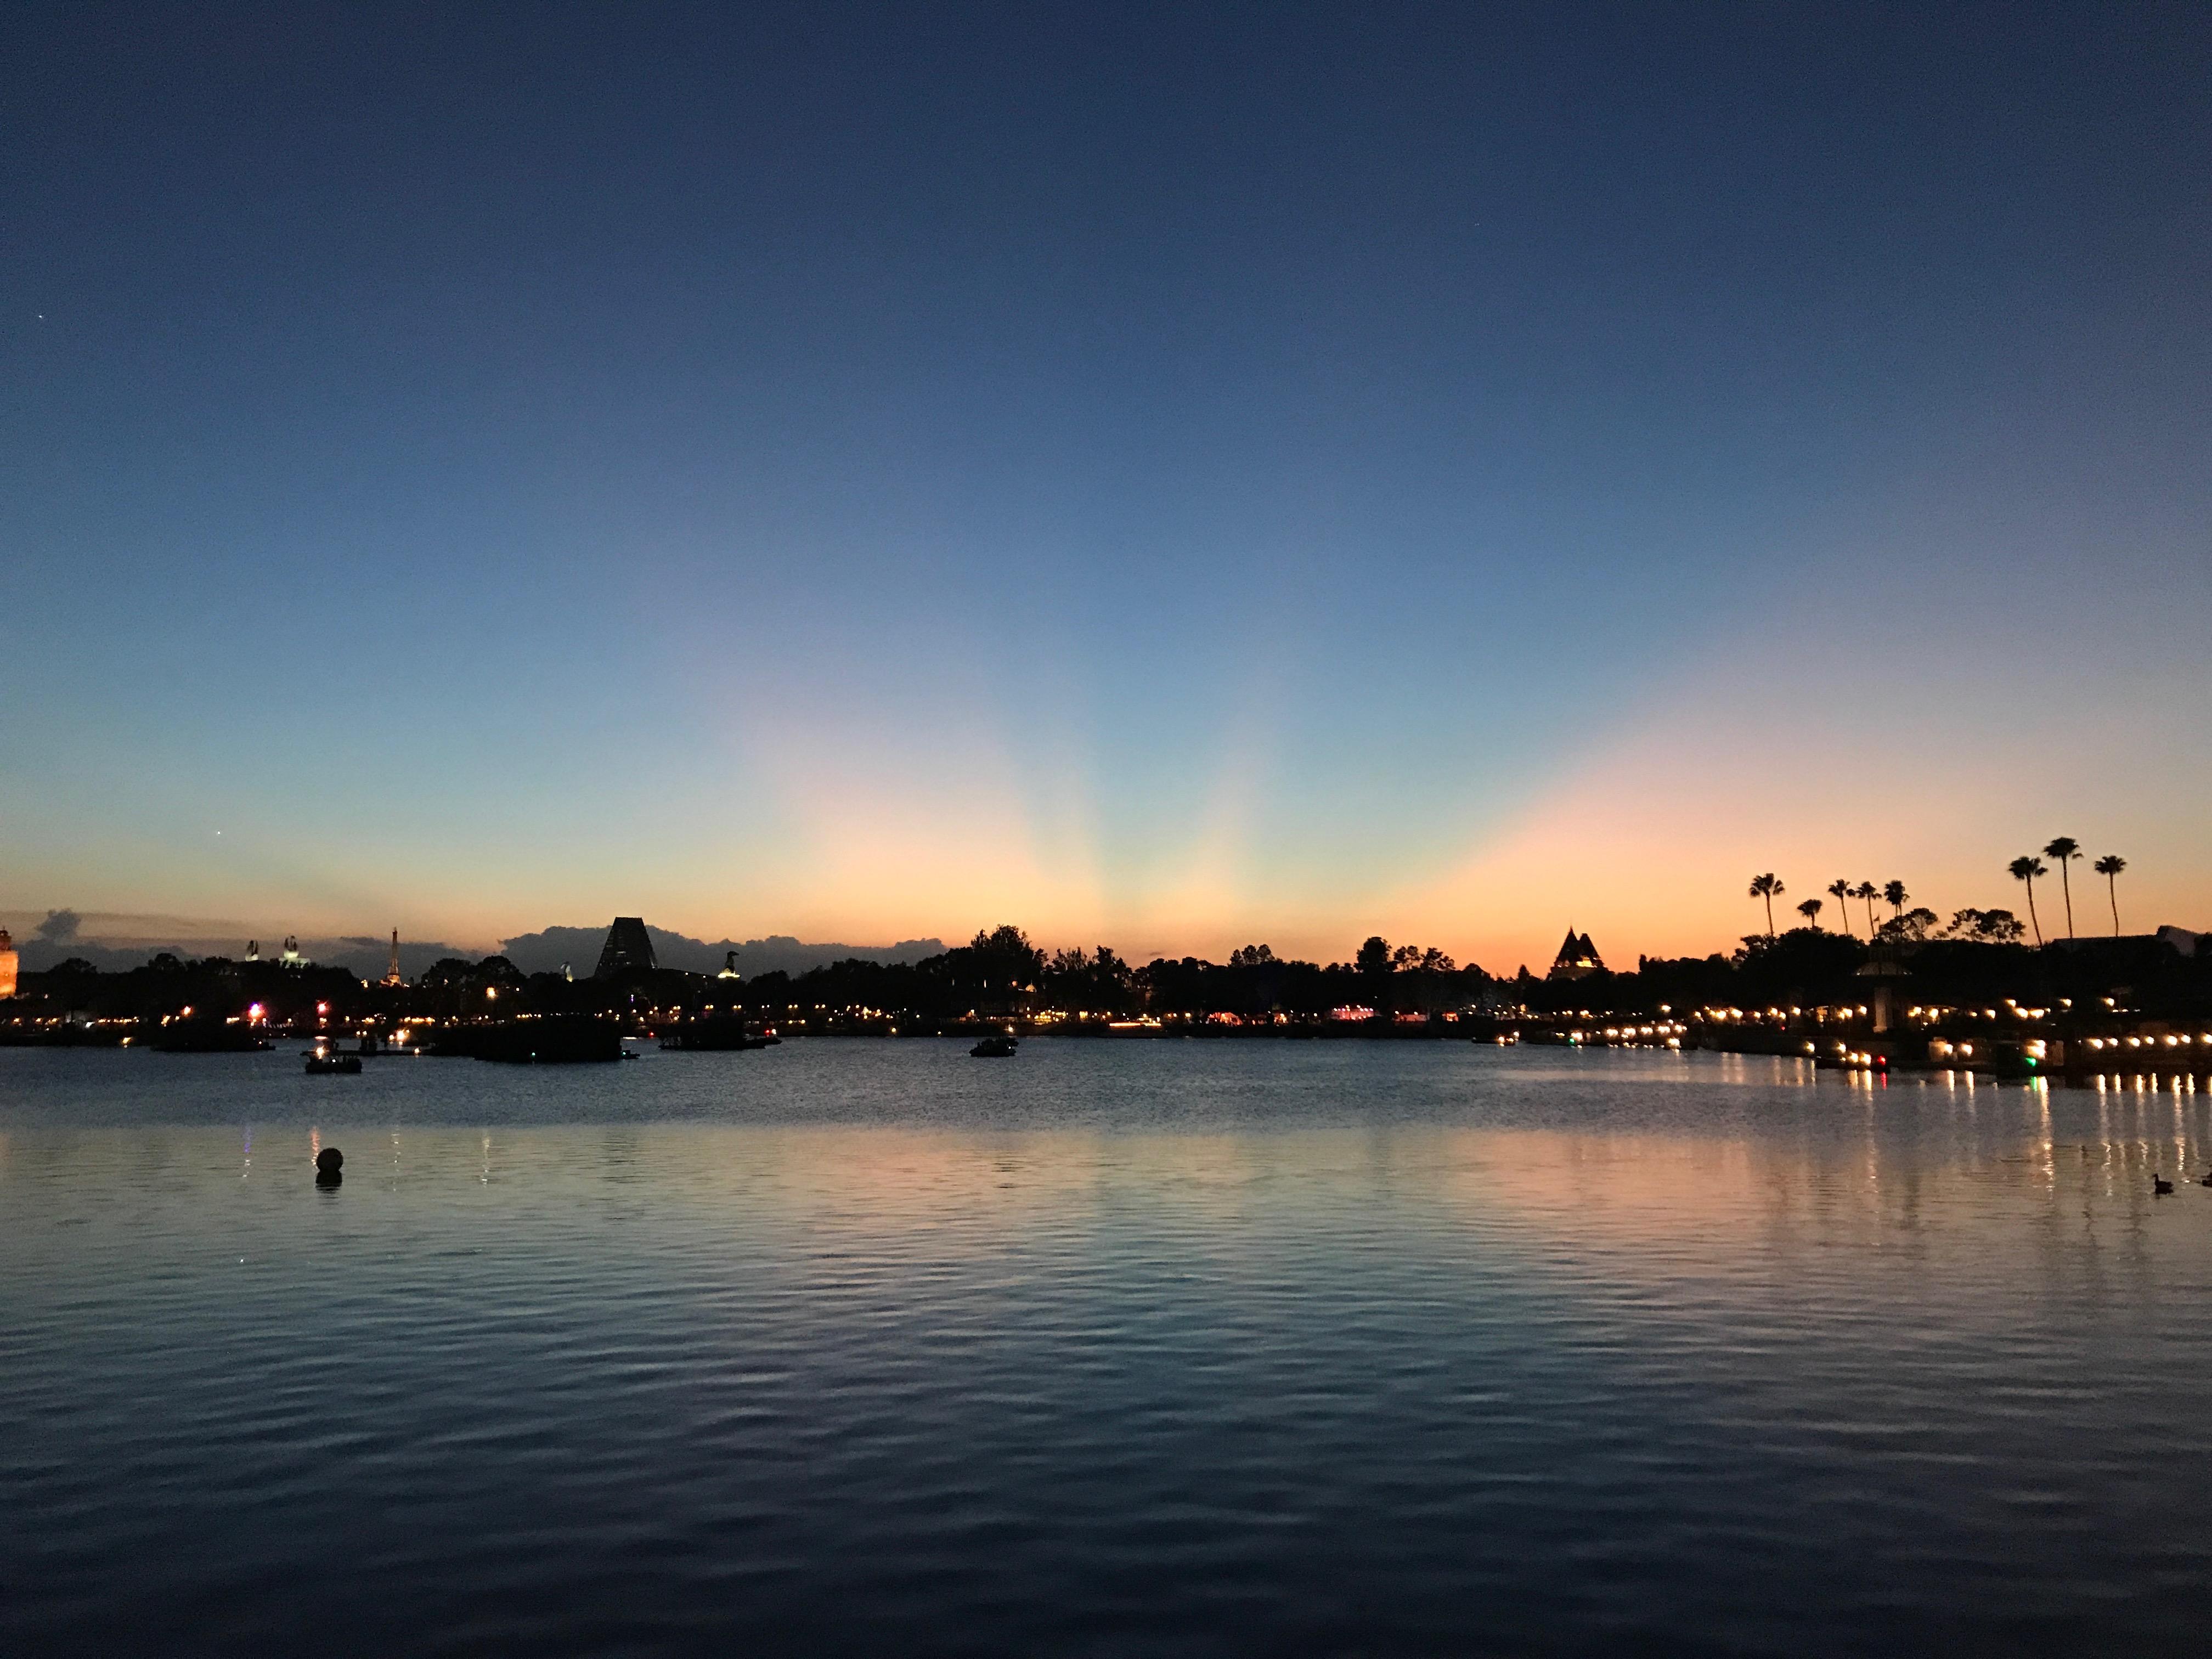 Sunset over Epcot World Showcase